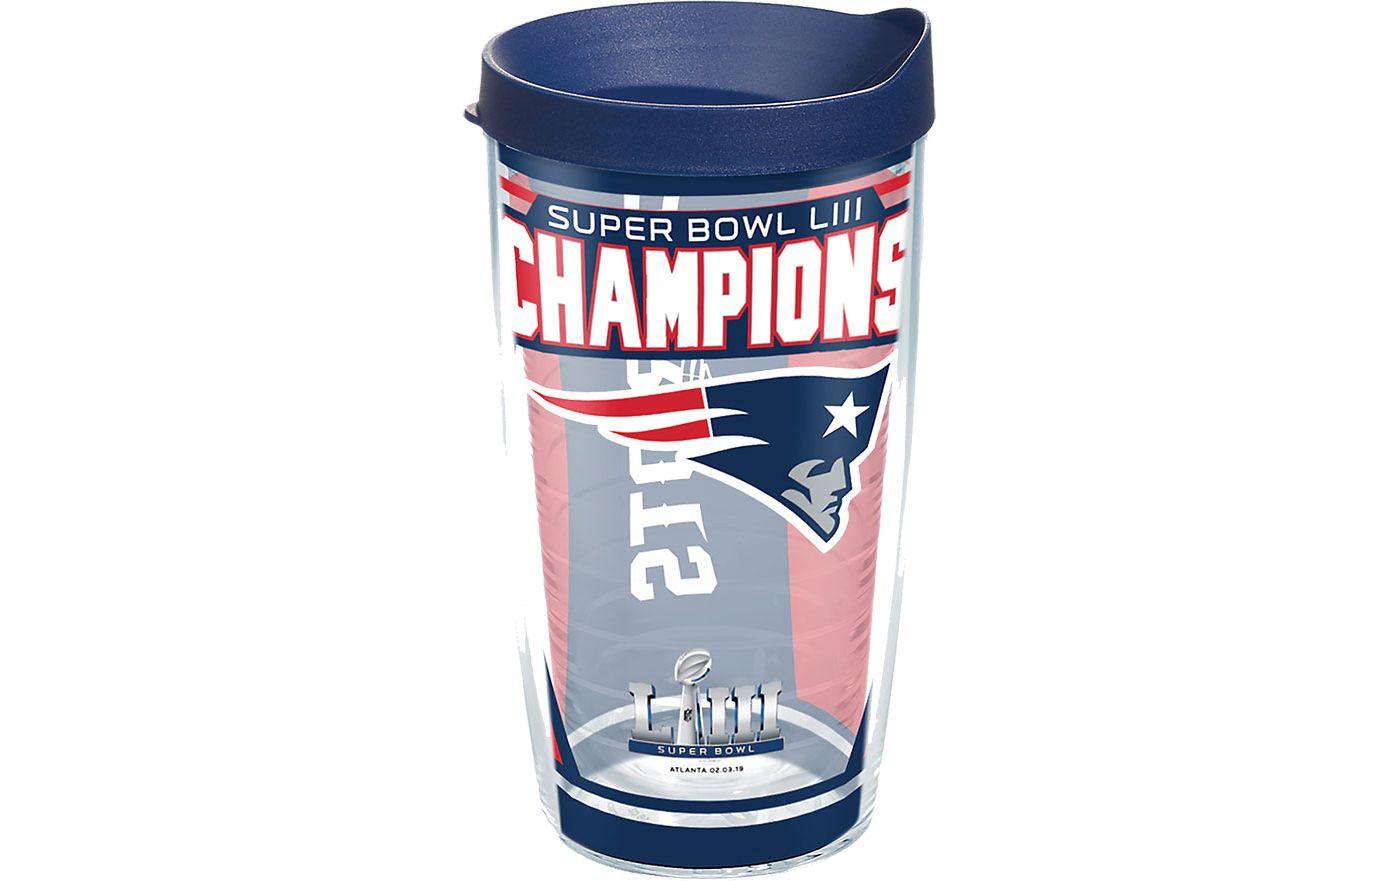 Tervis Super Bowl LIII Champions New England Patriots 16oz. Tumbler